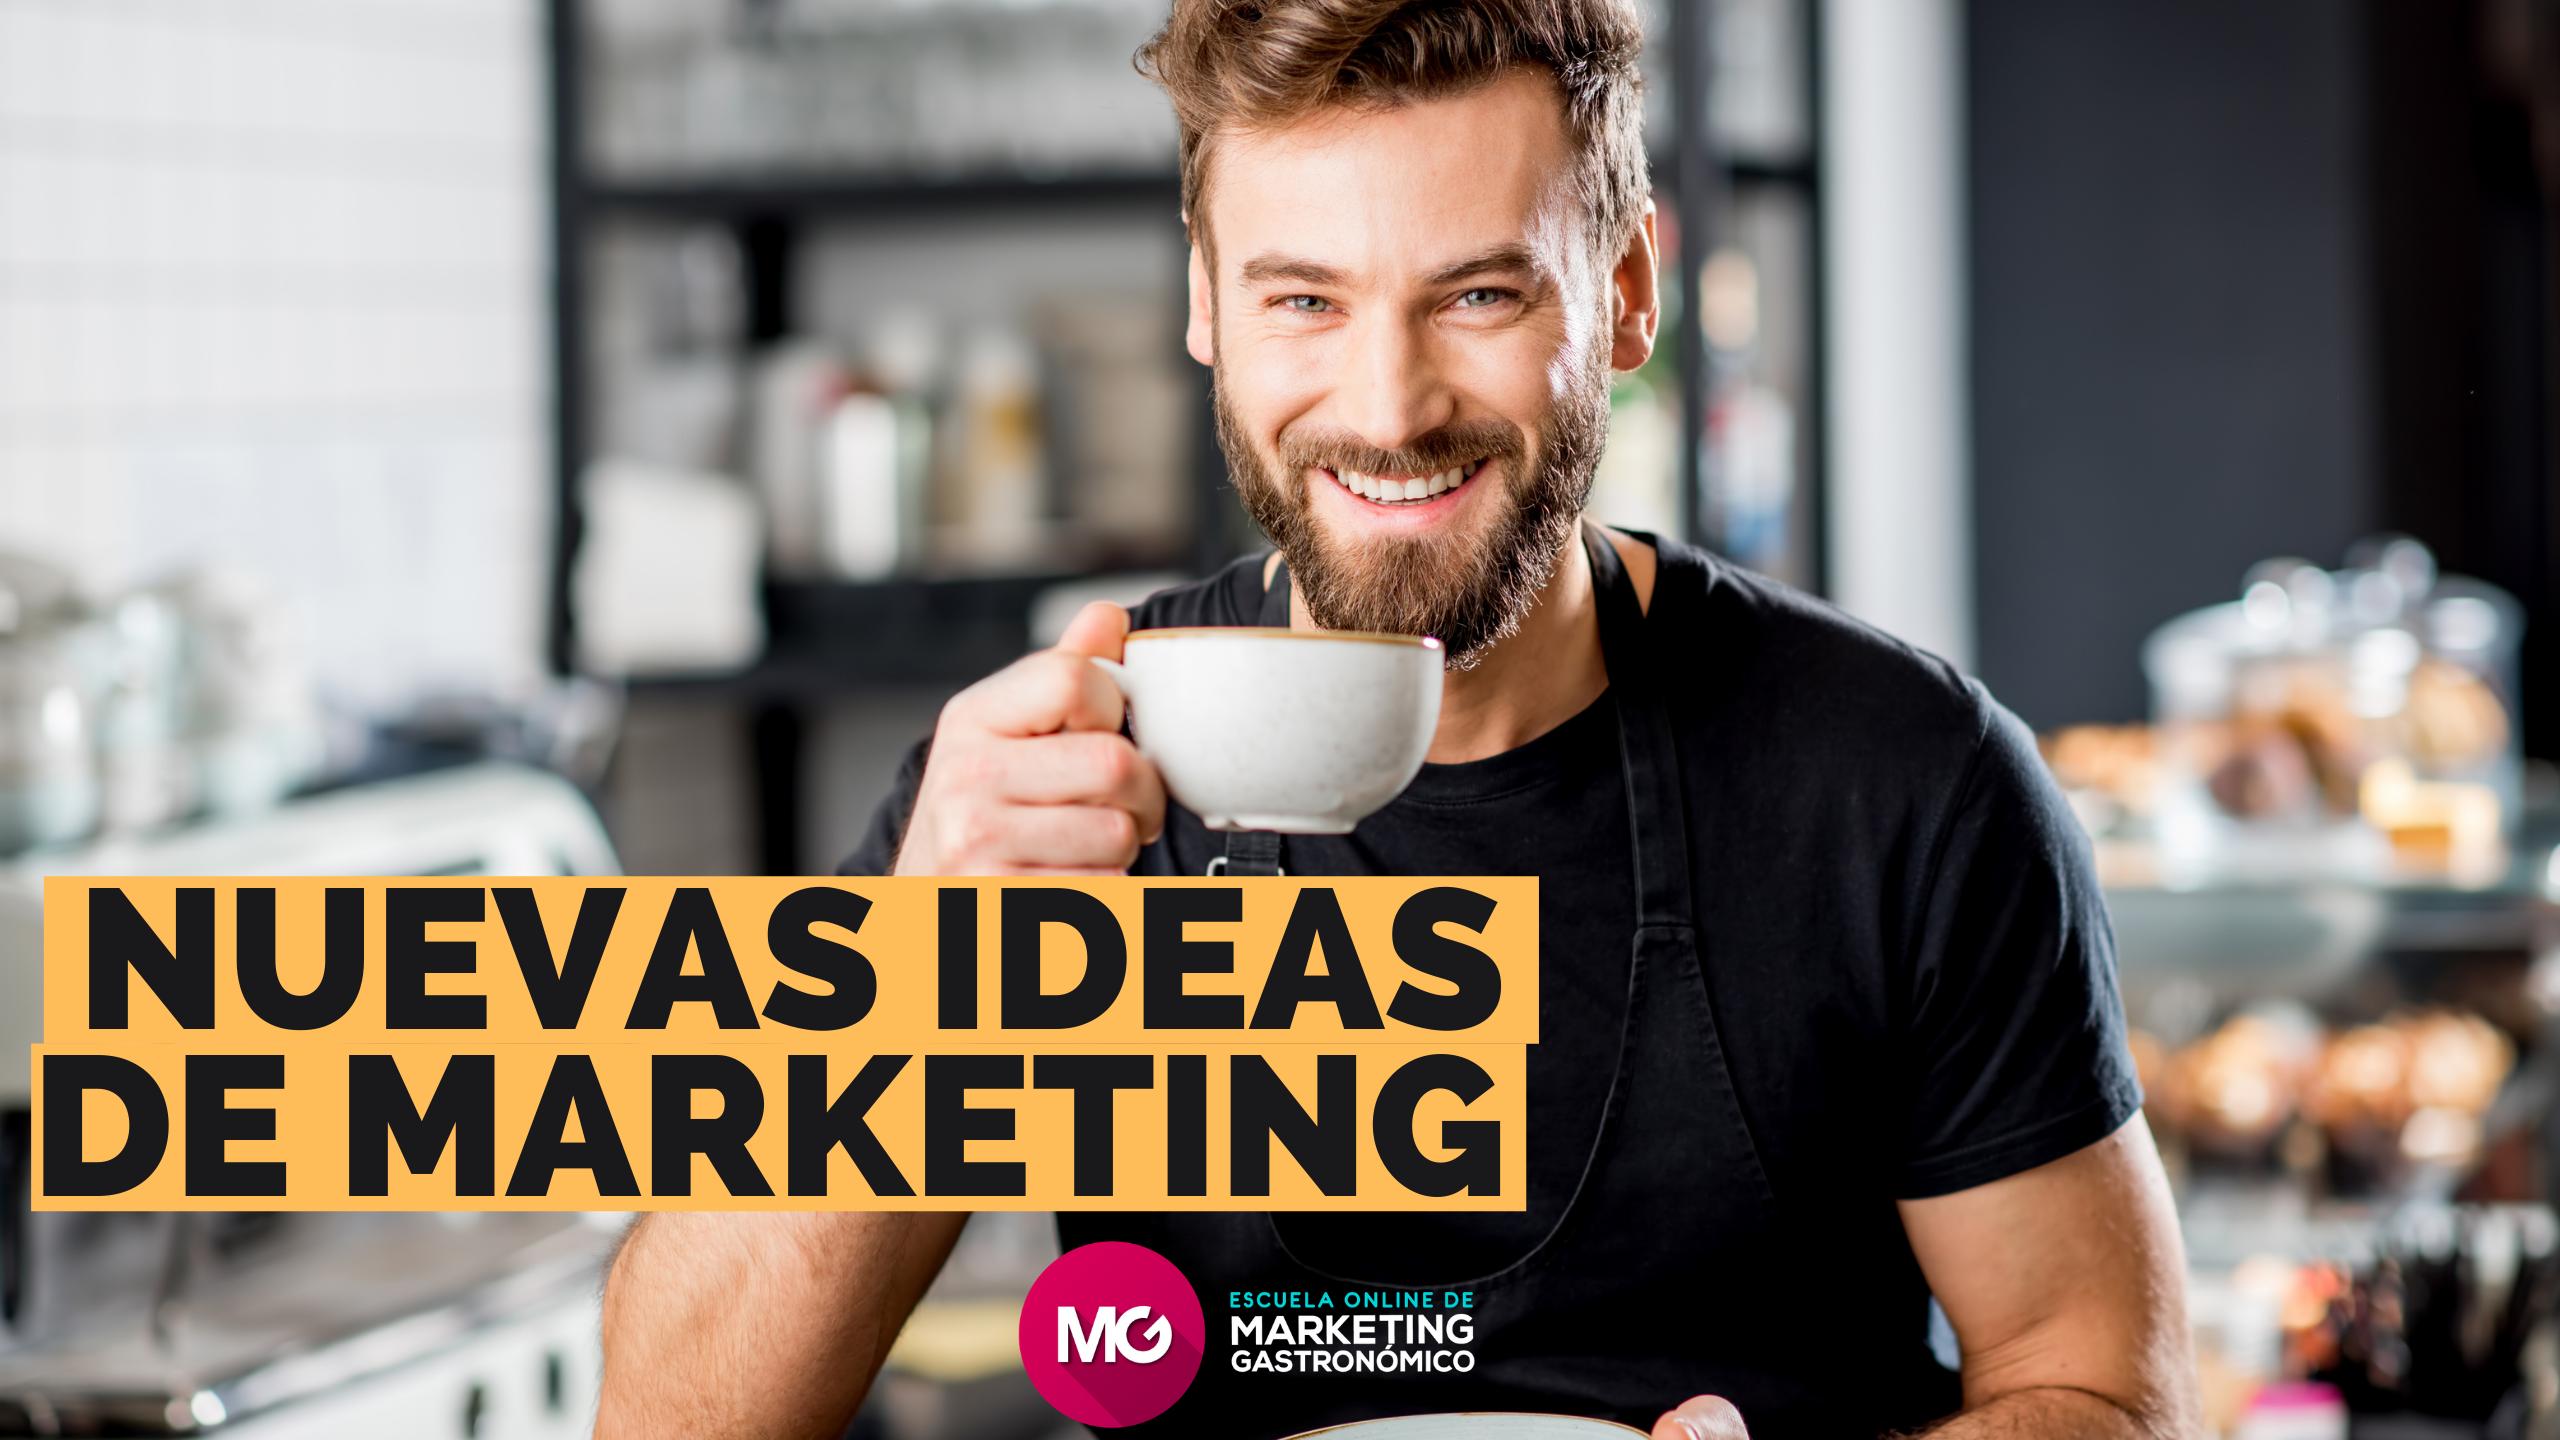 Nuevas ideas de Marketing de Restaurantes en épocas de Covid-19